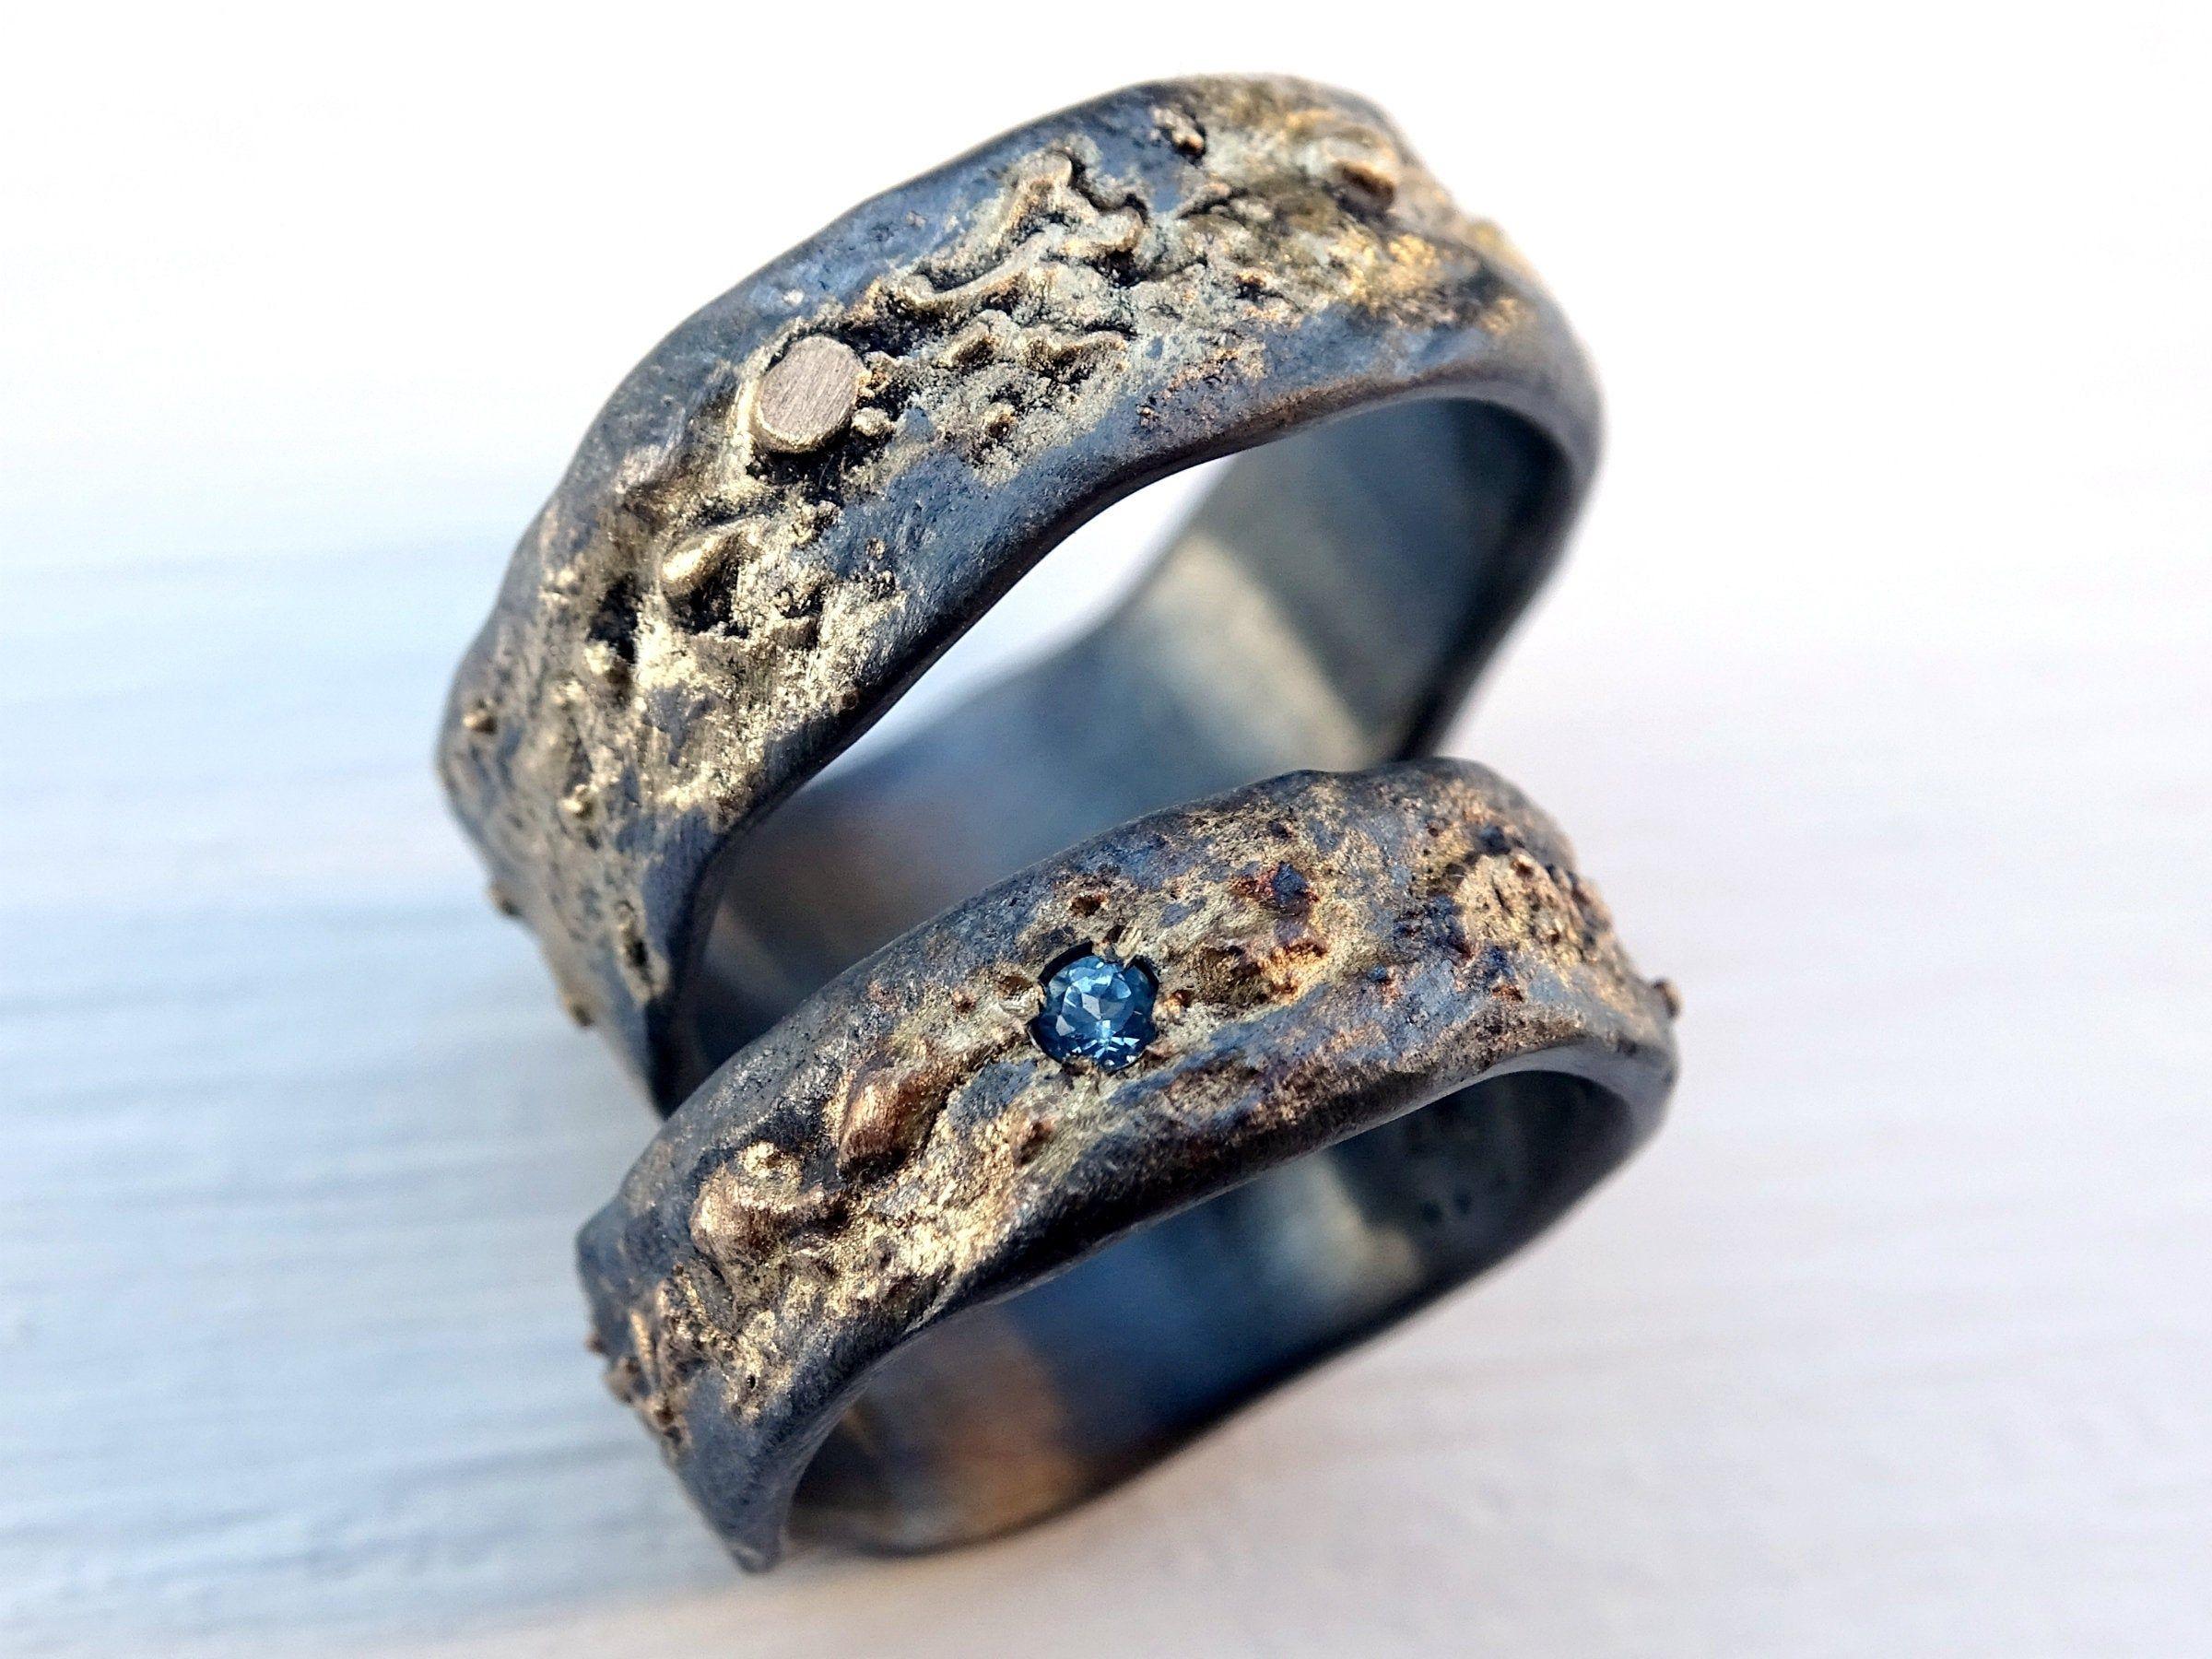 WikingerHochzeitsbandSet, passende Eheringe gold Silber